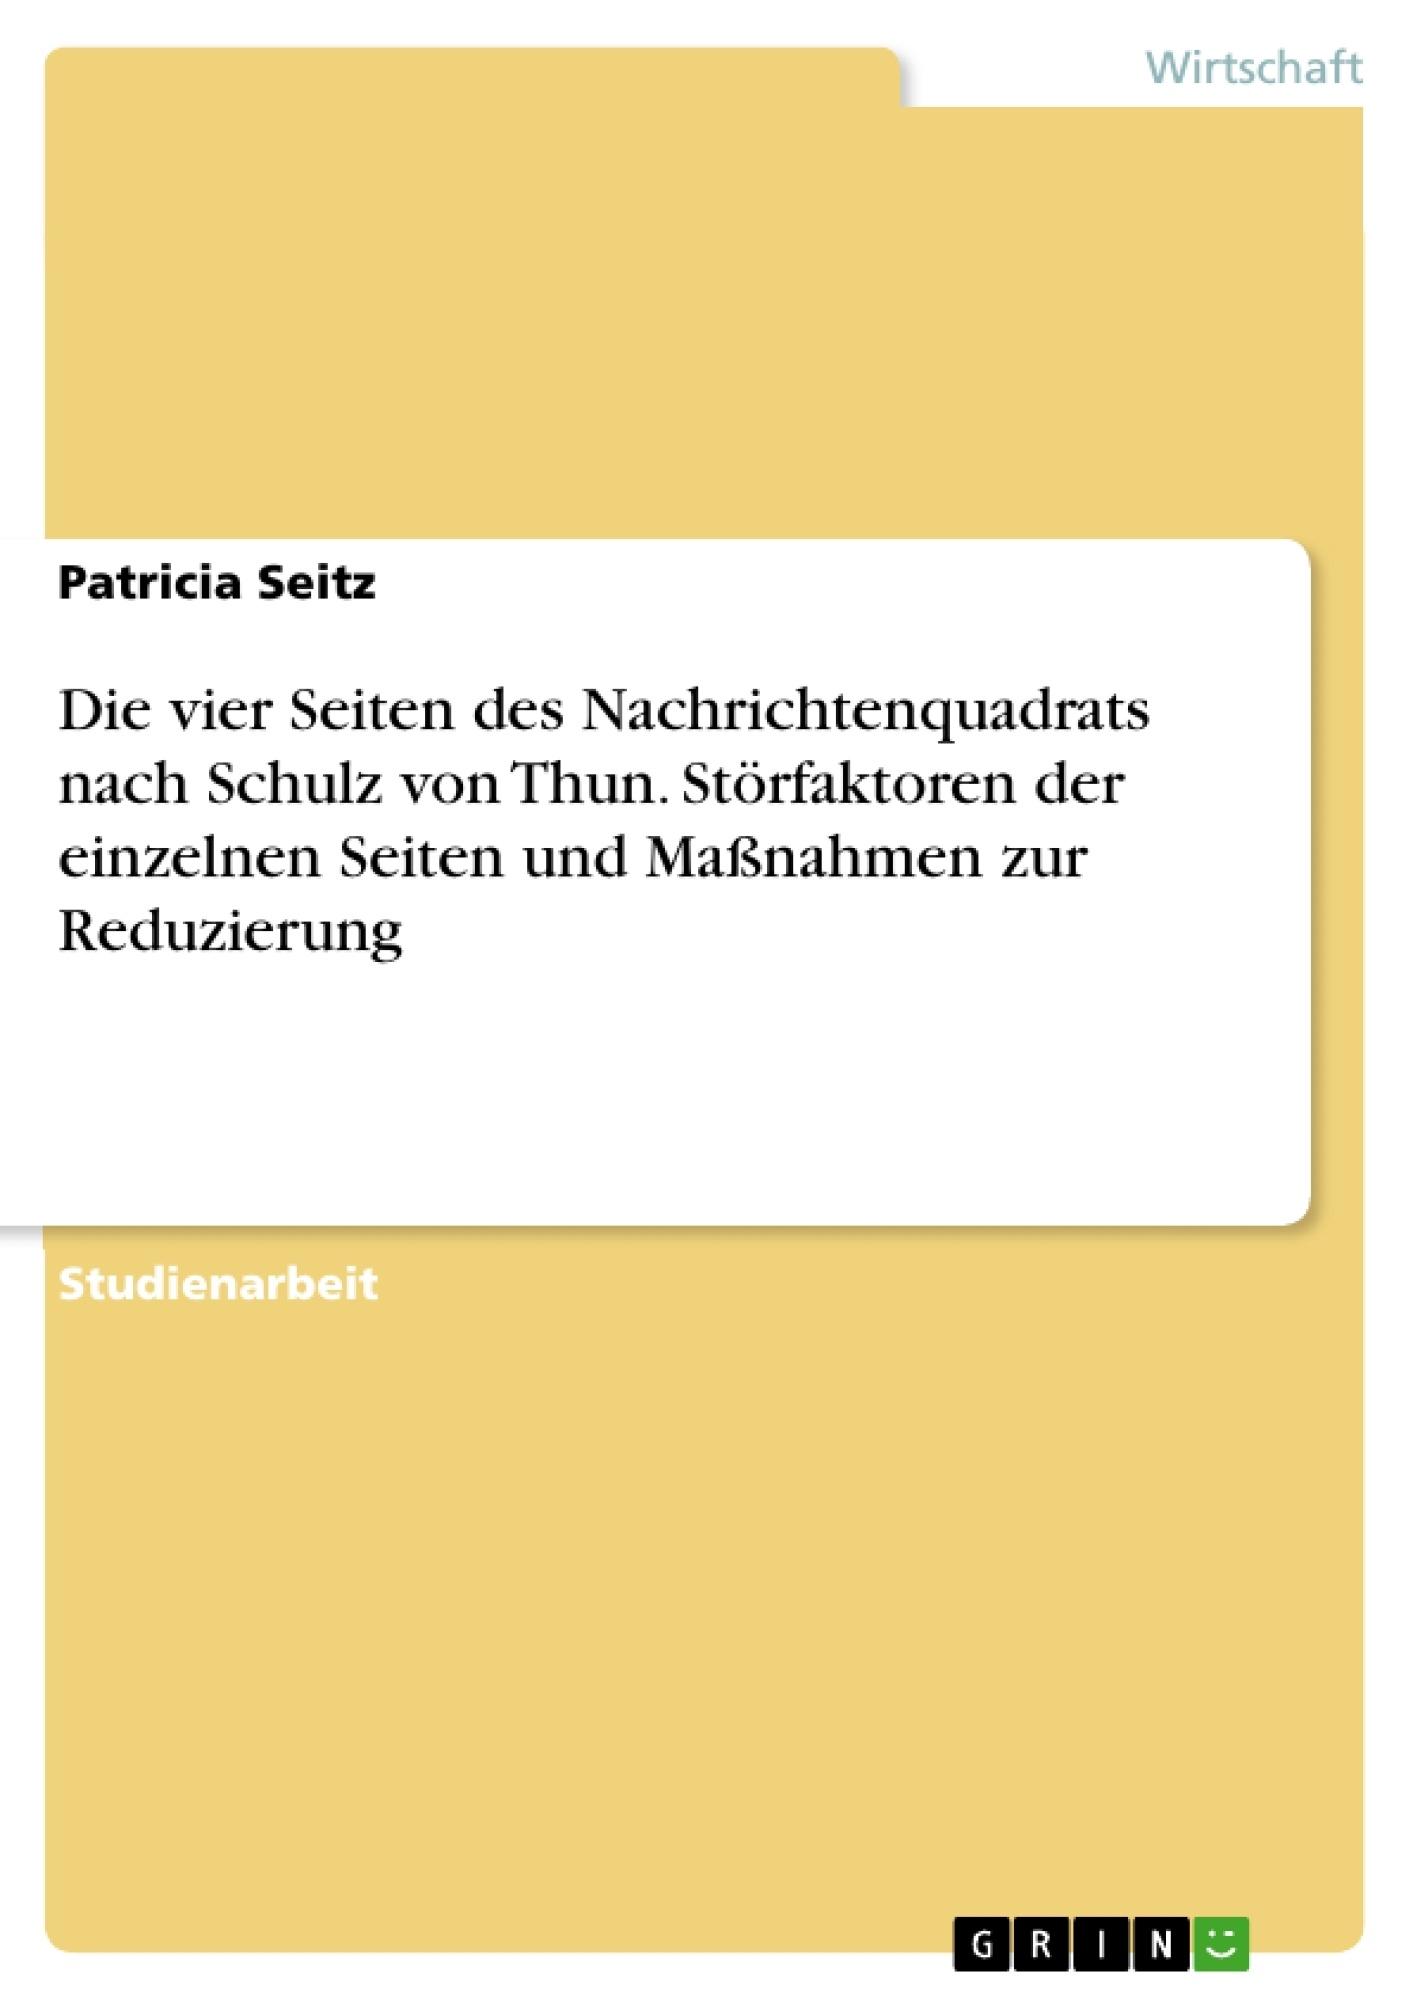 Titel: Die vier Seiten des Nachrichtenquadrats nach Schulz von Thun. Störfaktoren der einzelnen Seiten und Maßnahmen zur Reduzierung